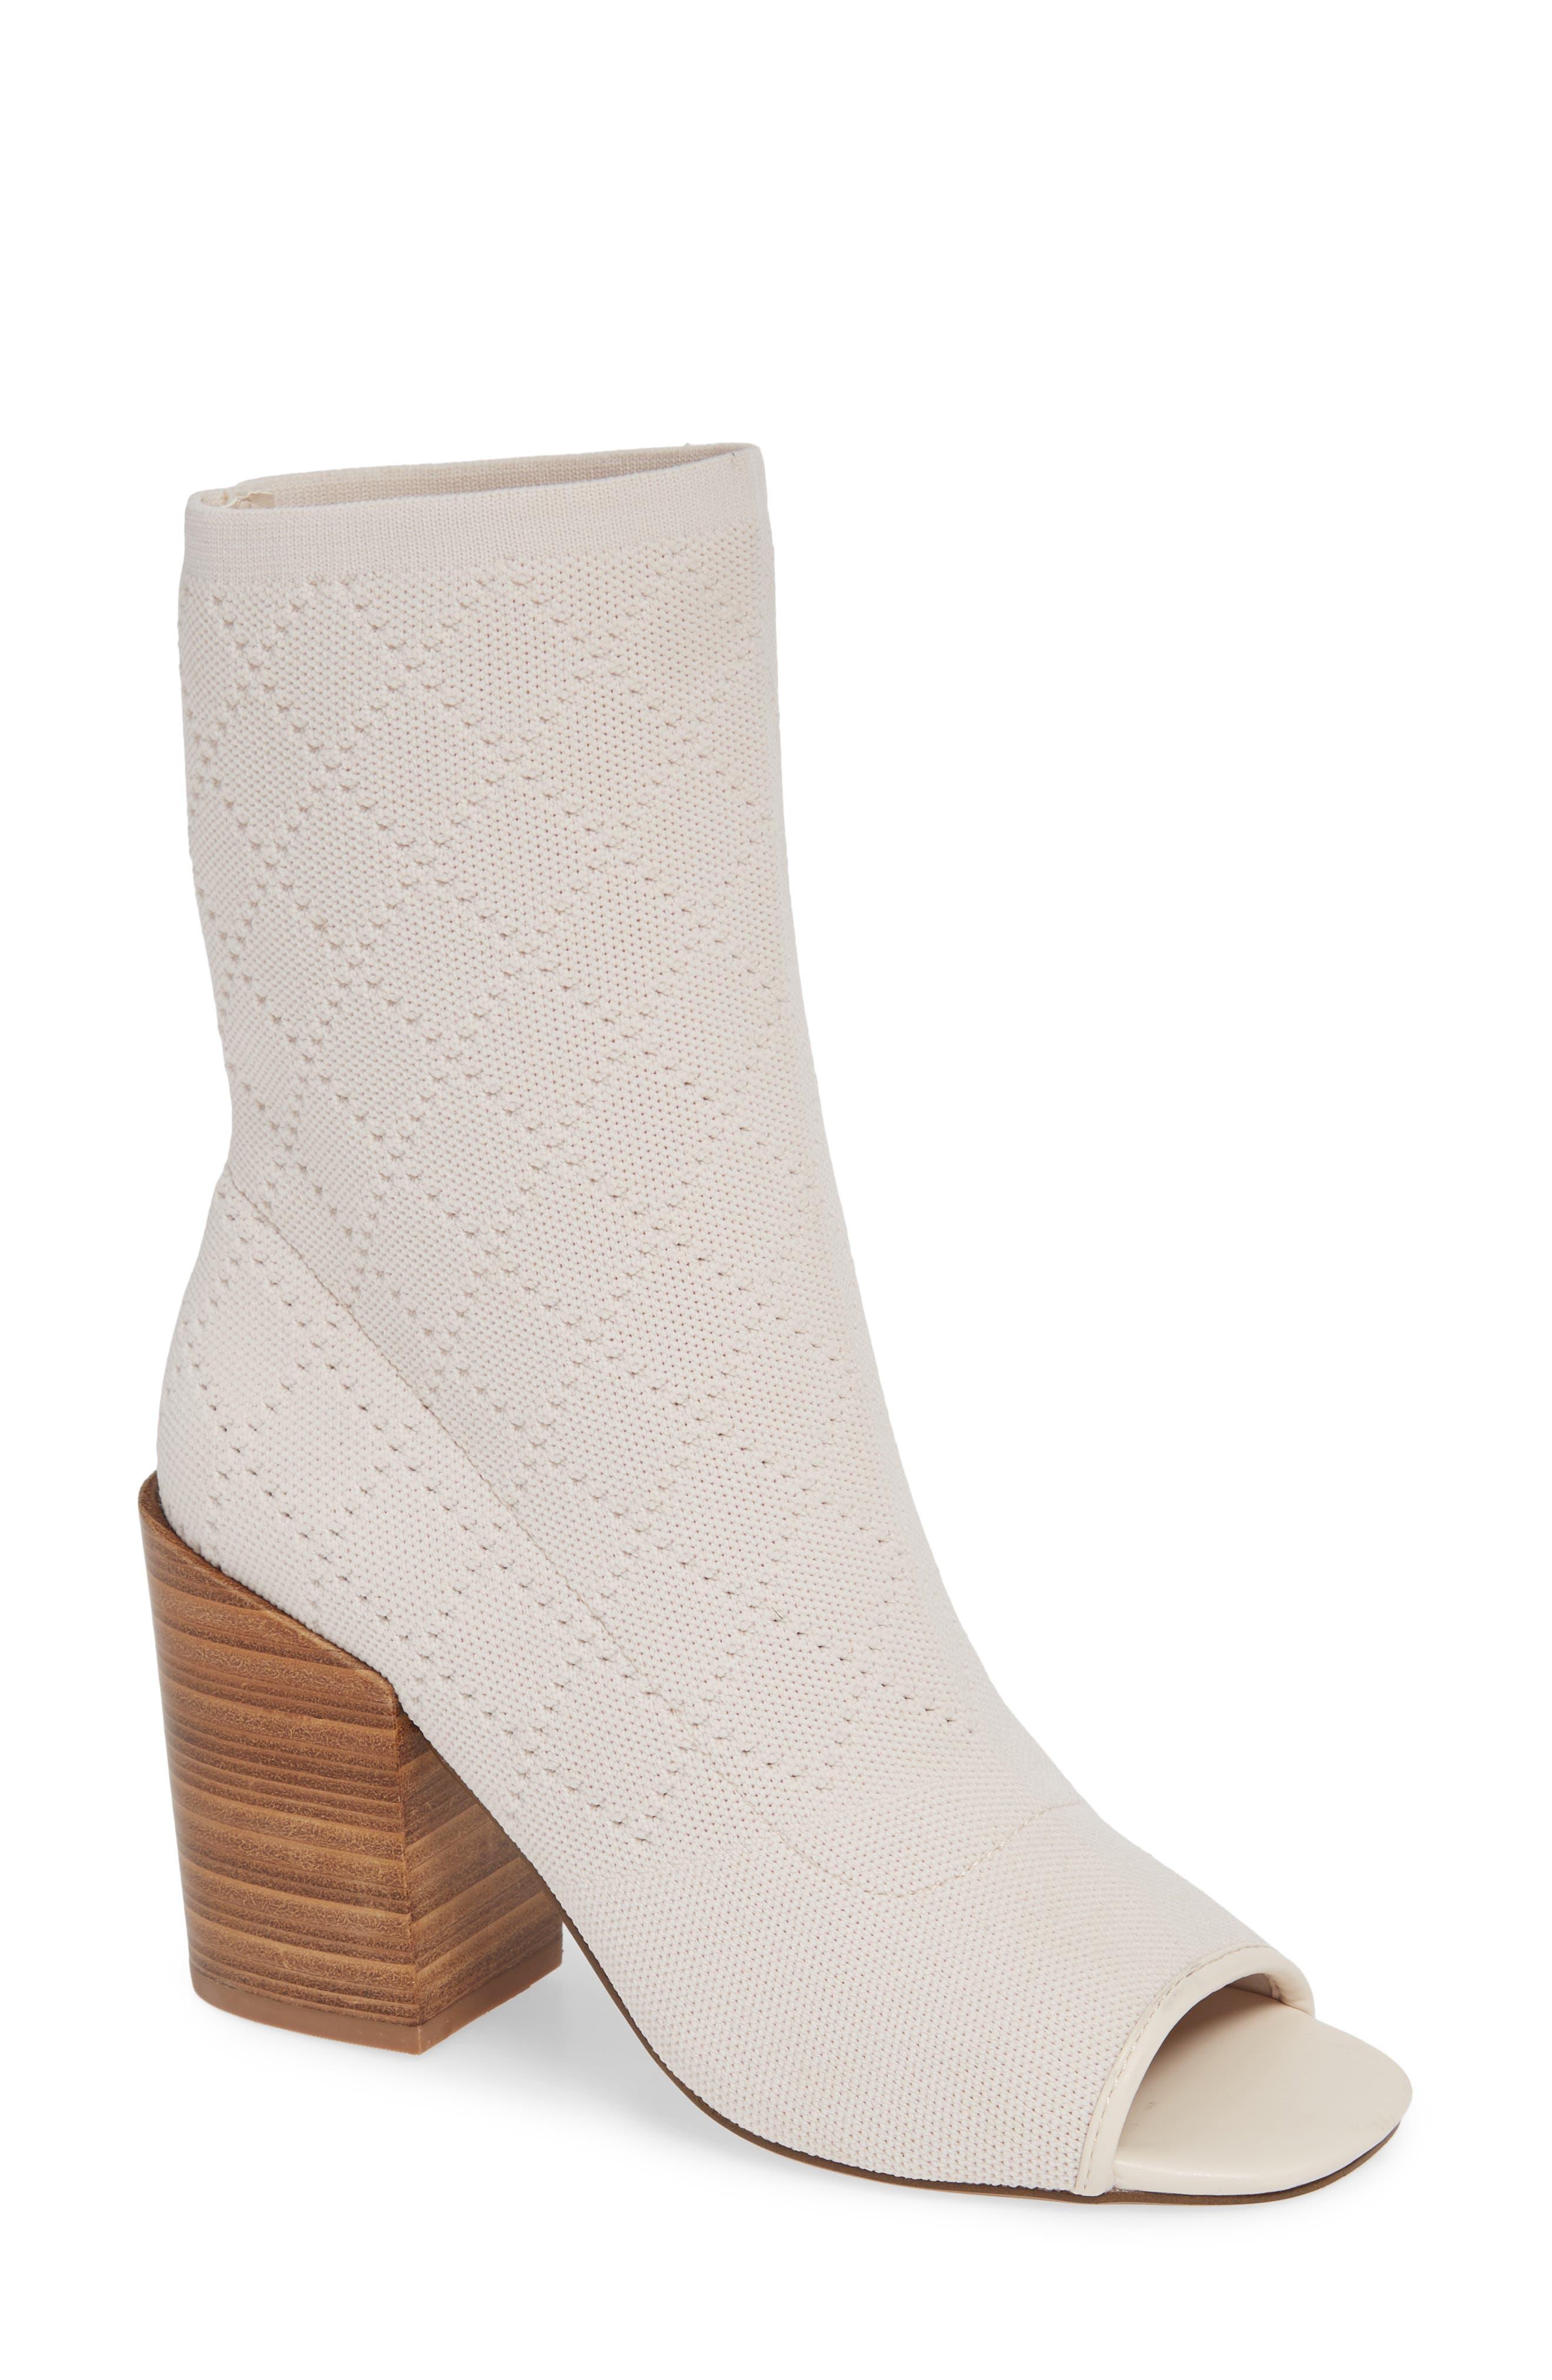 Kelsi Dagger Brooklyn Macey Knit Peep Toe Bootie, White